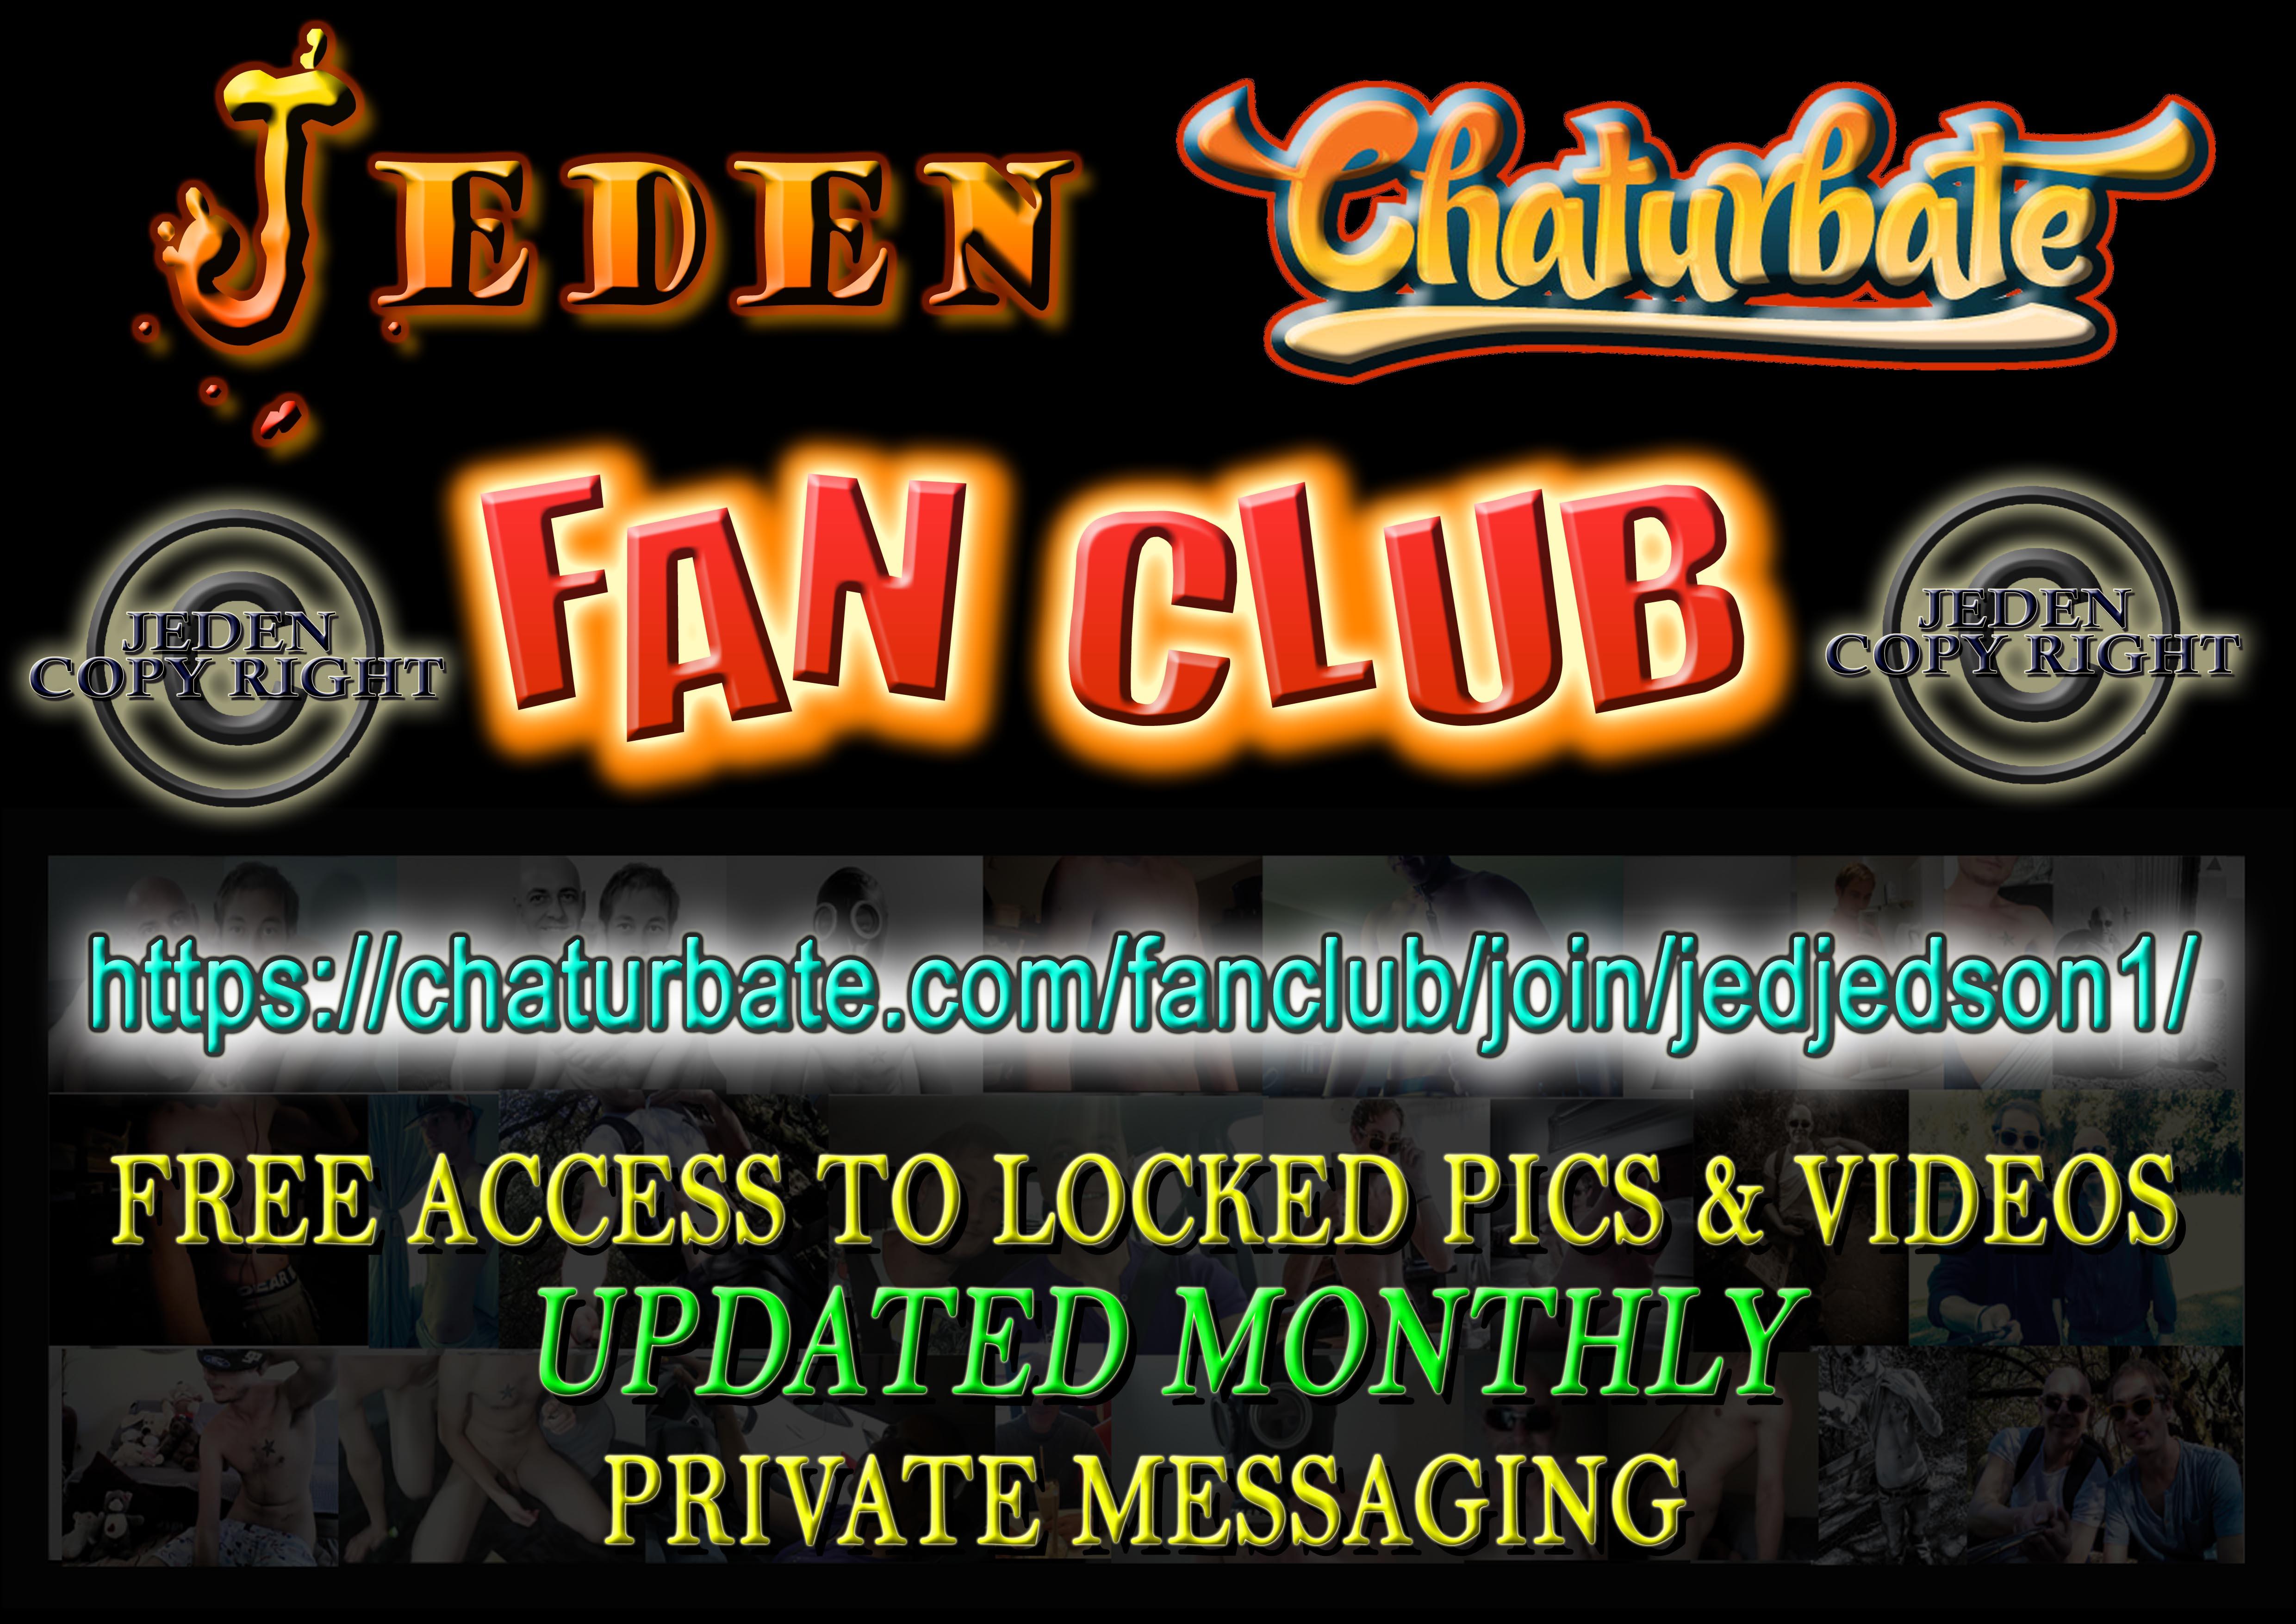 Fan club chaturbate